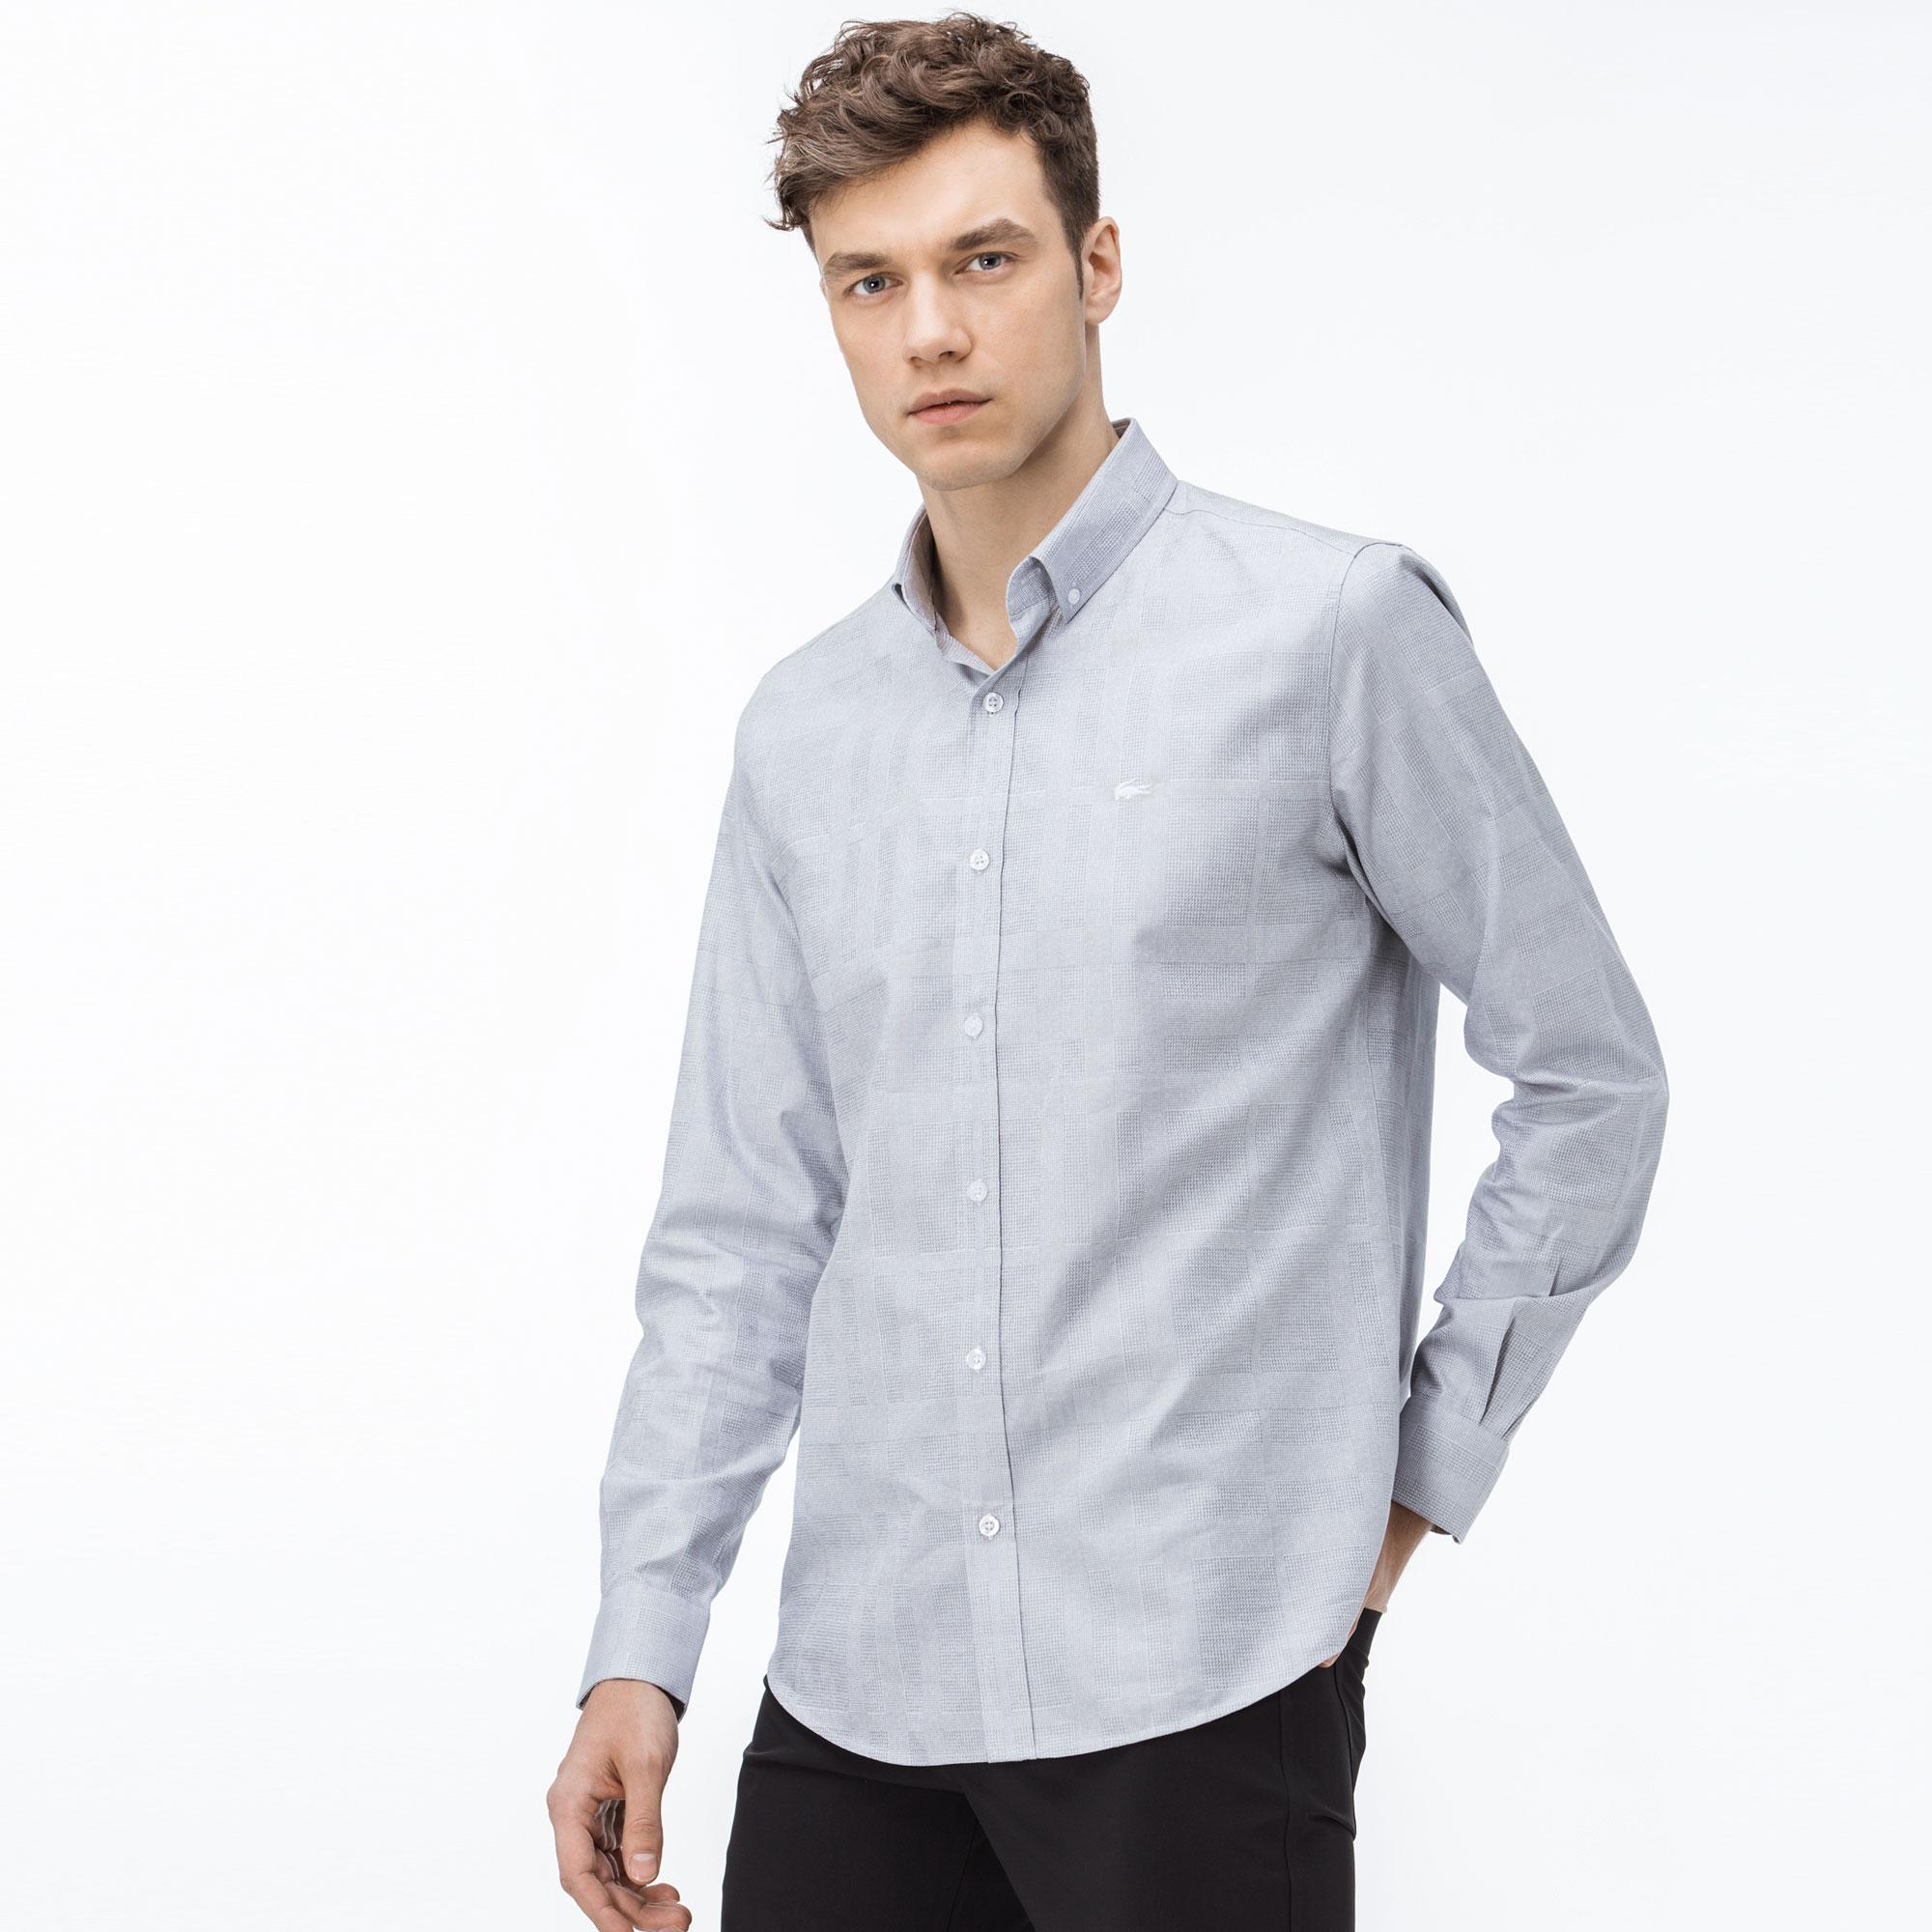 Lacoste Erkek Slim Fit Ekose Beyaz Gömlek